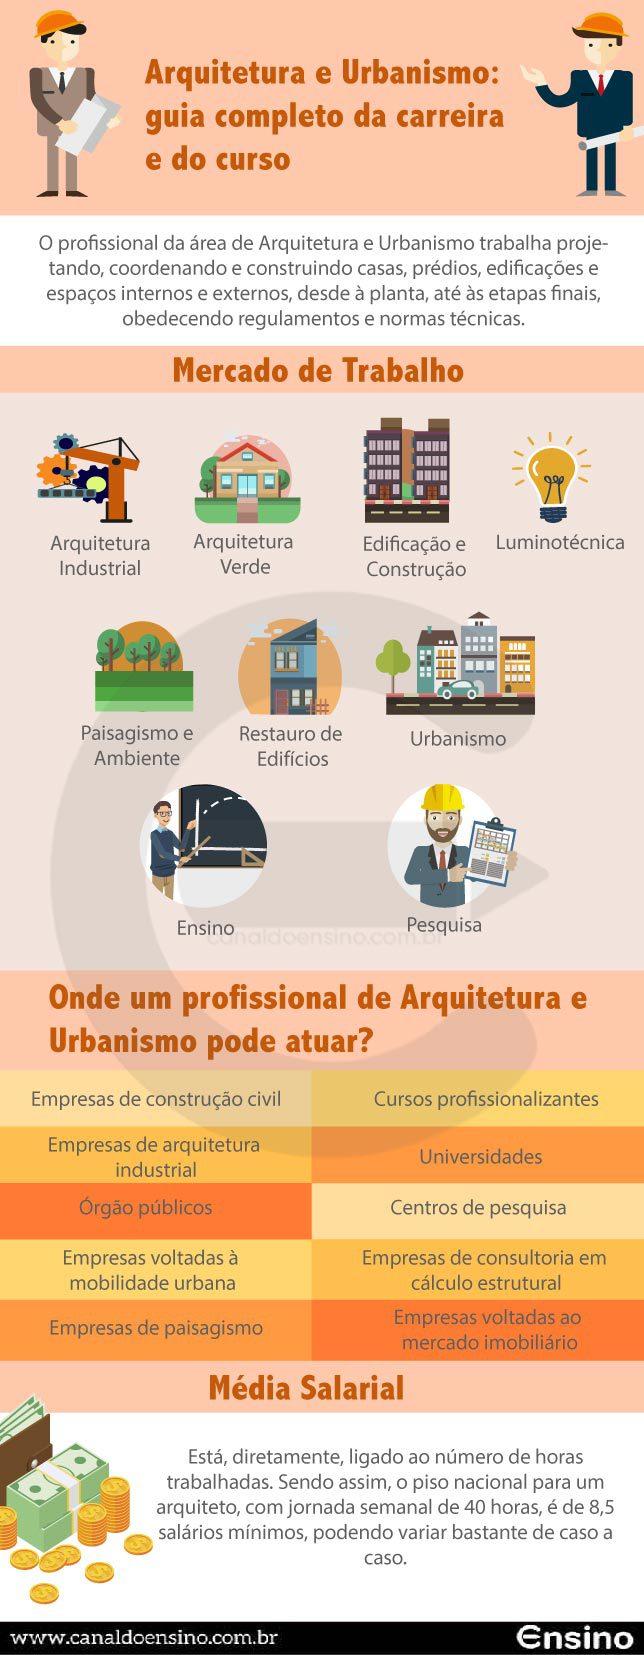 infografico-arquitetura-e-urbanismo-guia-completo-da-carreira-e-do-curso-01-min